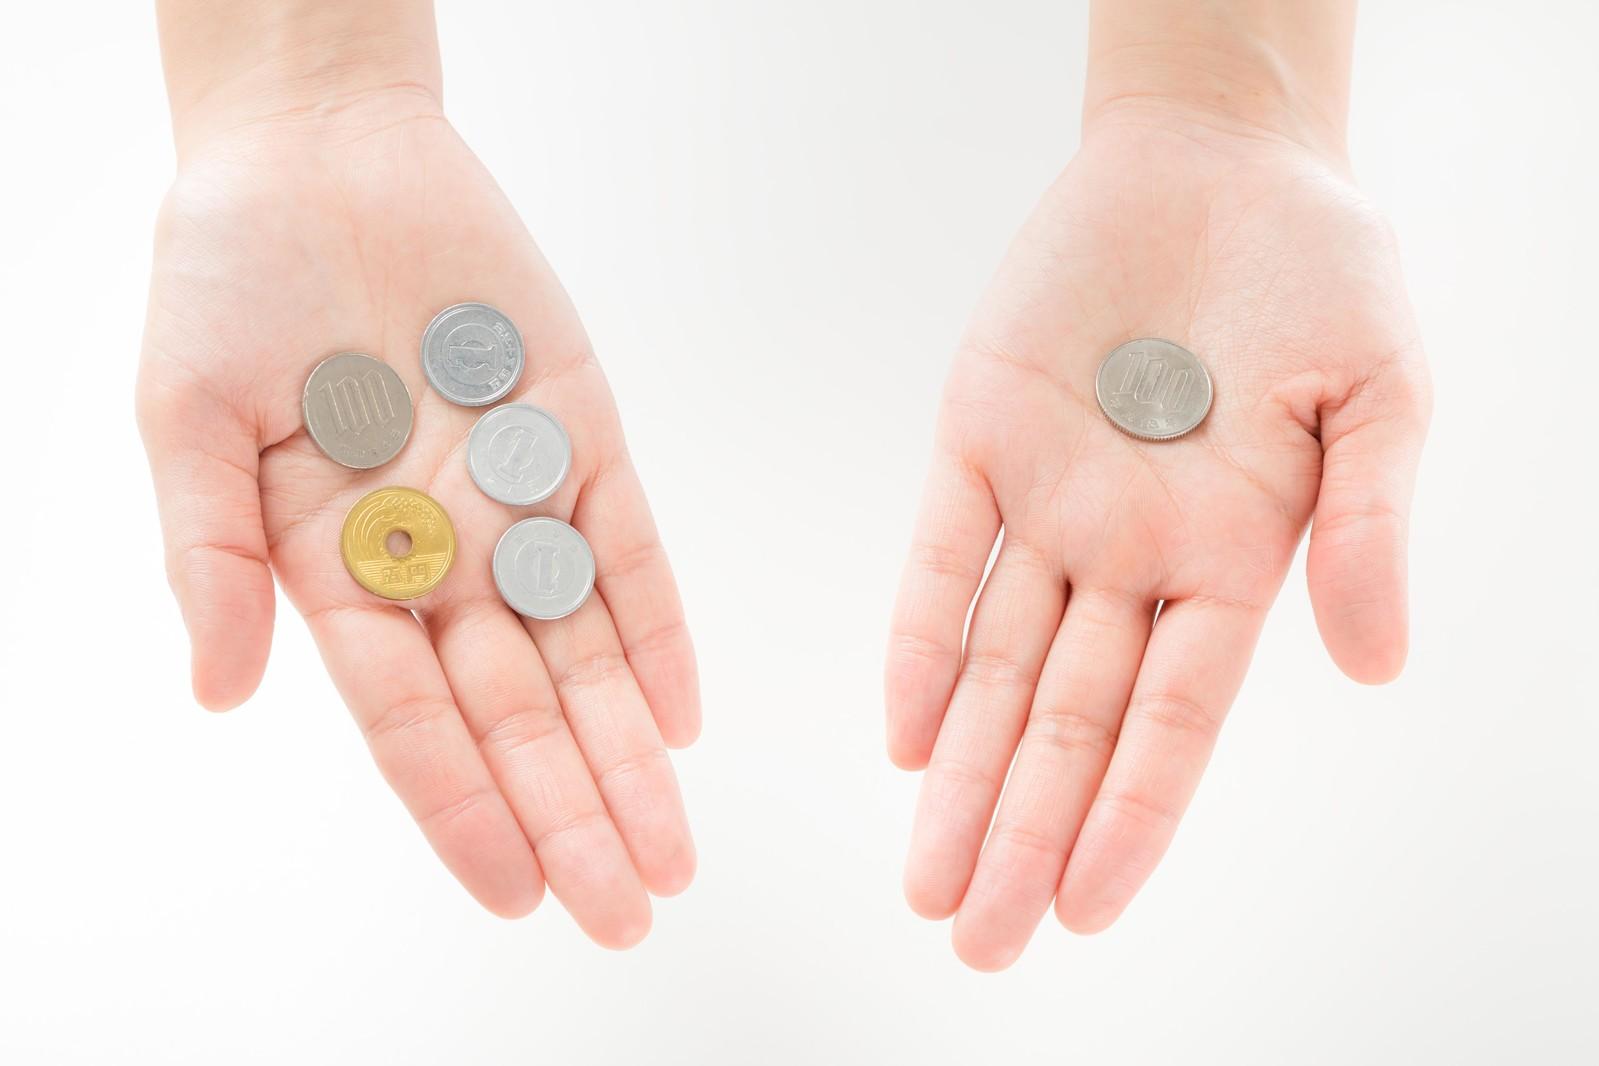 給料は上がらないから辞めるのはいい判断かも。年収なんて会社次第だから転職しかない